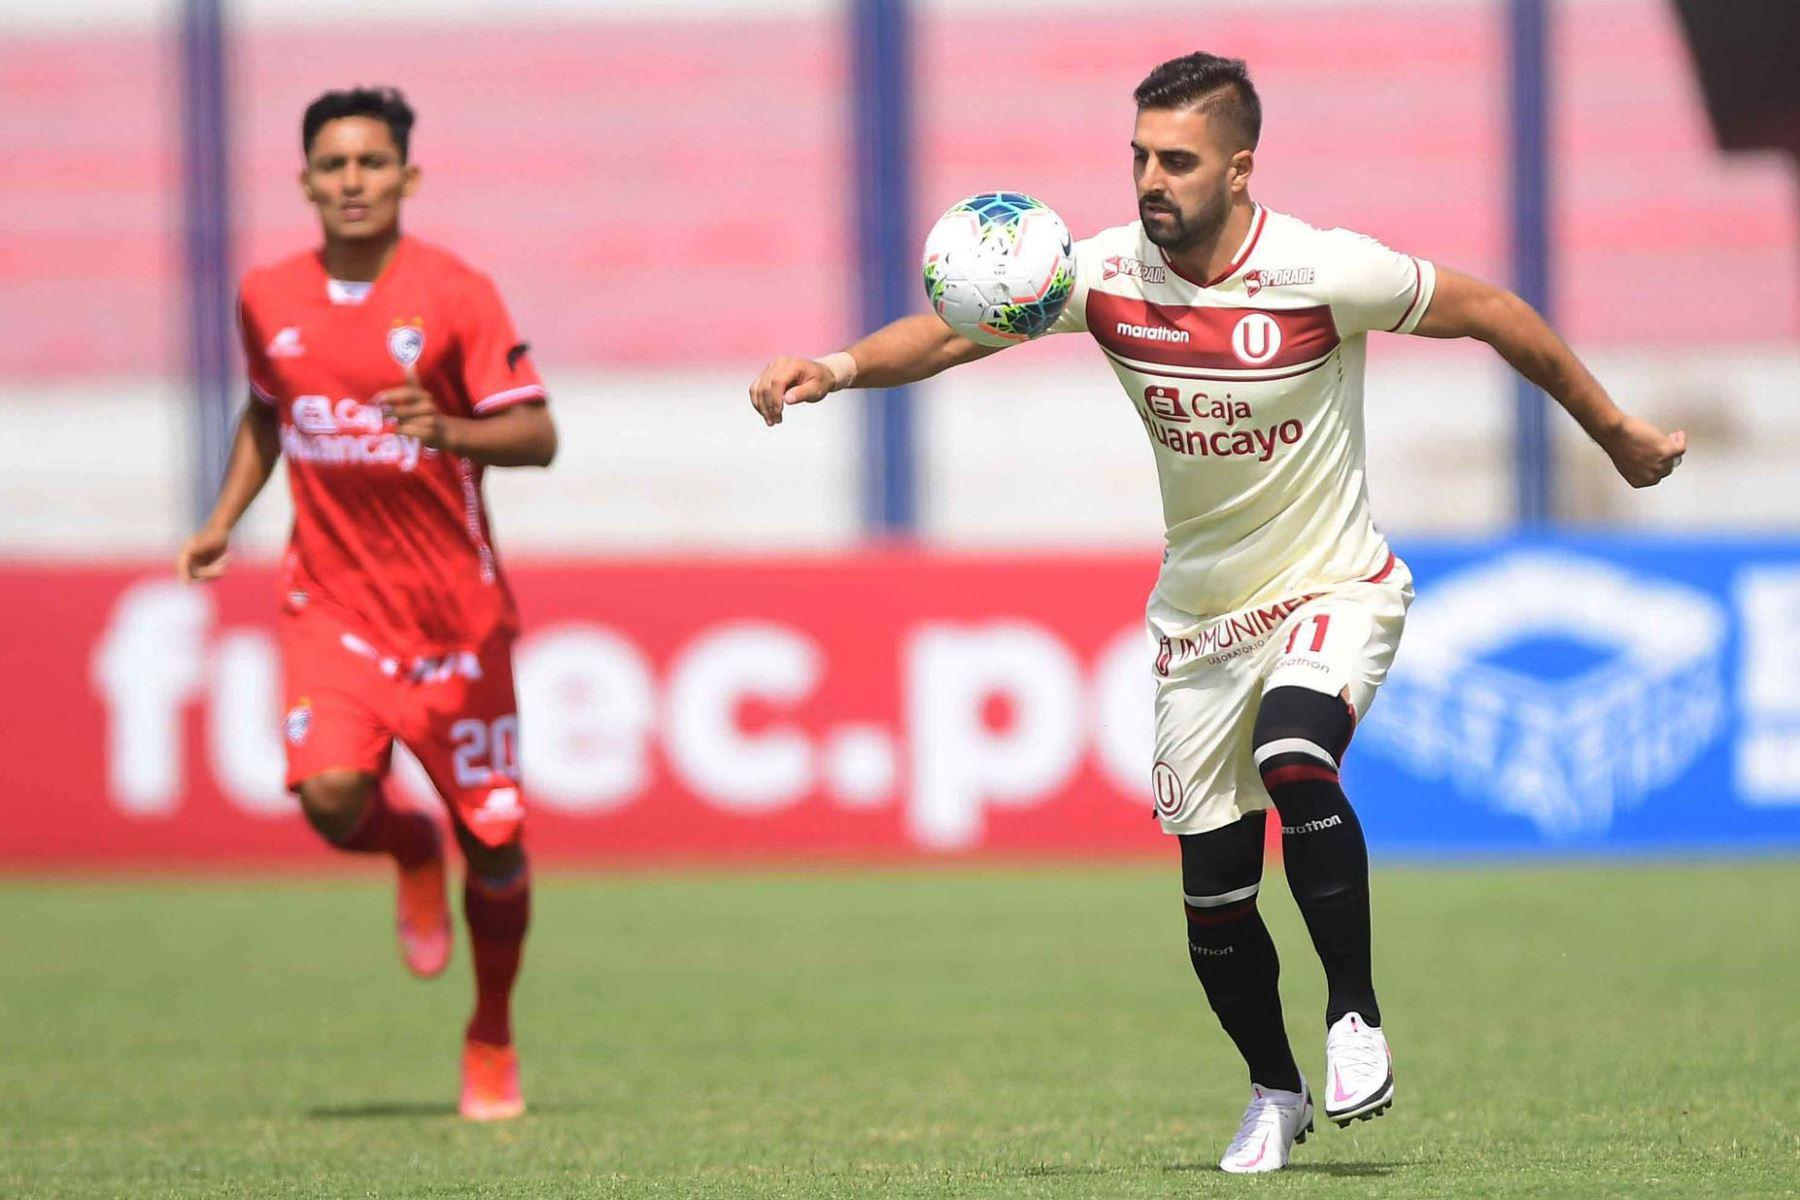 L. Urruti  de Universitario  disputa el balón ante el jugador de Cienciano  por la séptima  fecha de la fase 1, en el estadio Iván Elías Moreno. .  Foto: @LigaFutProf